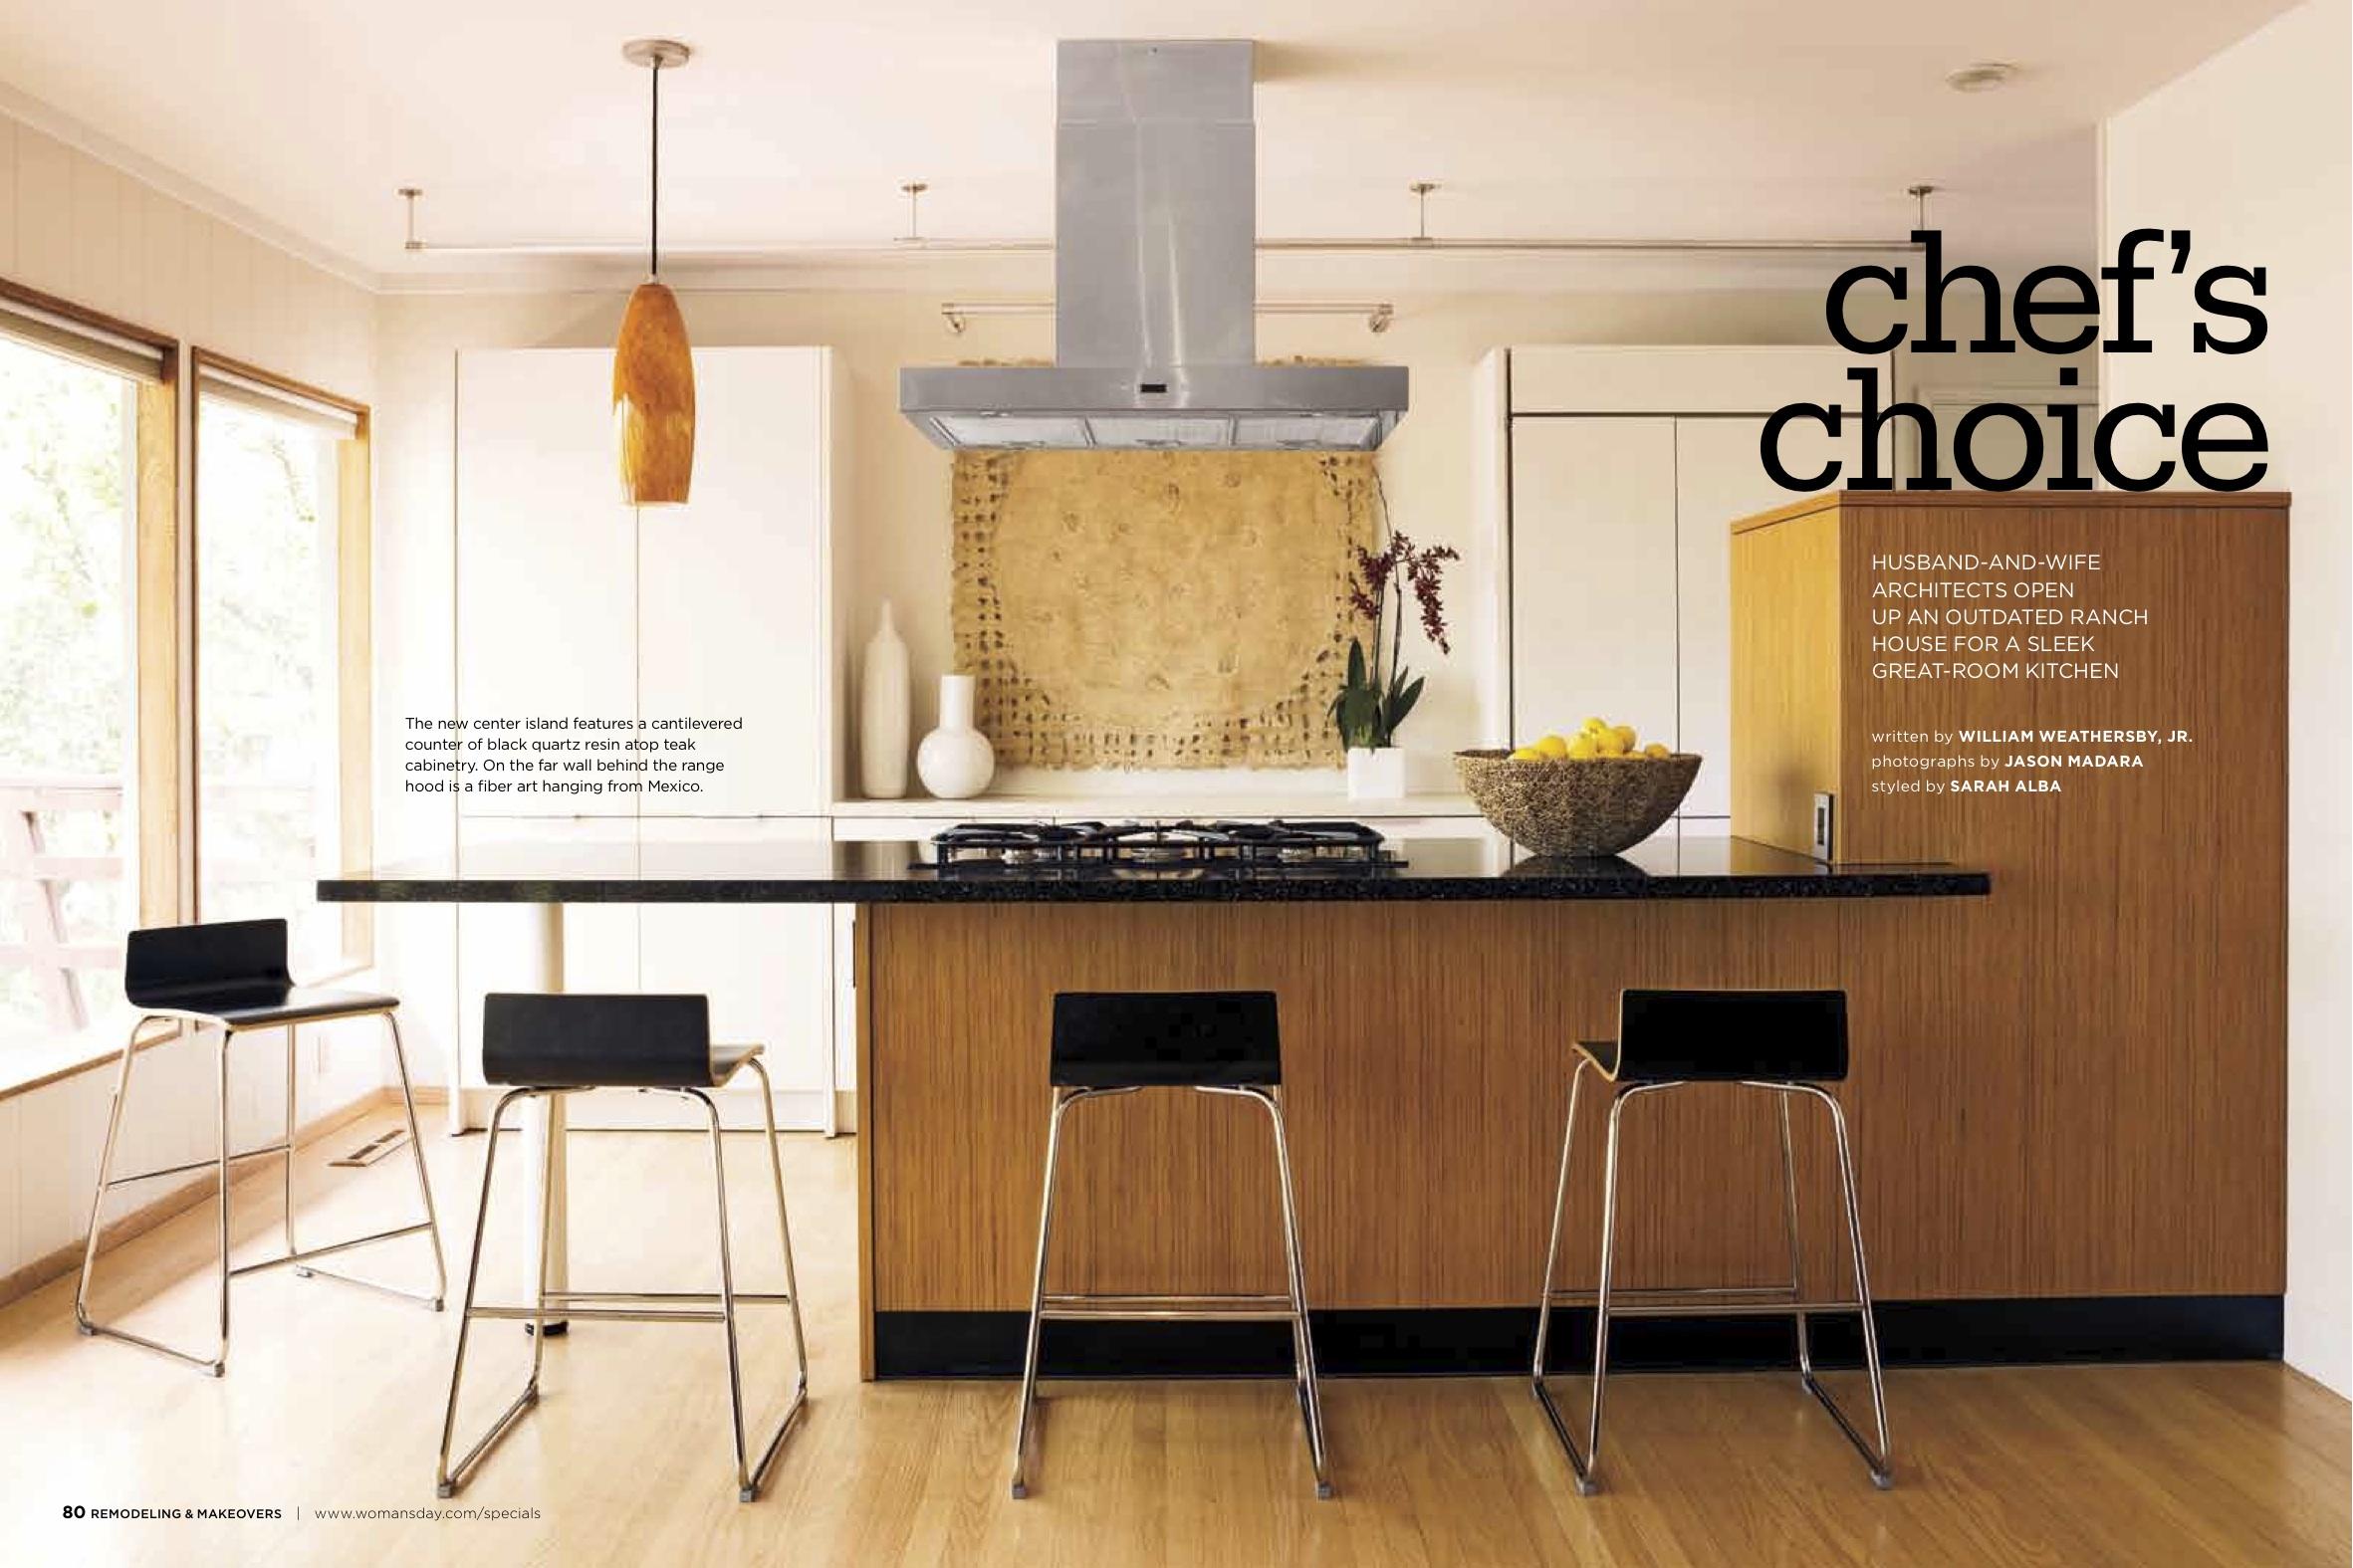 Magazine_RM0210_alper.jpg